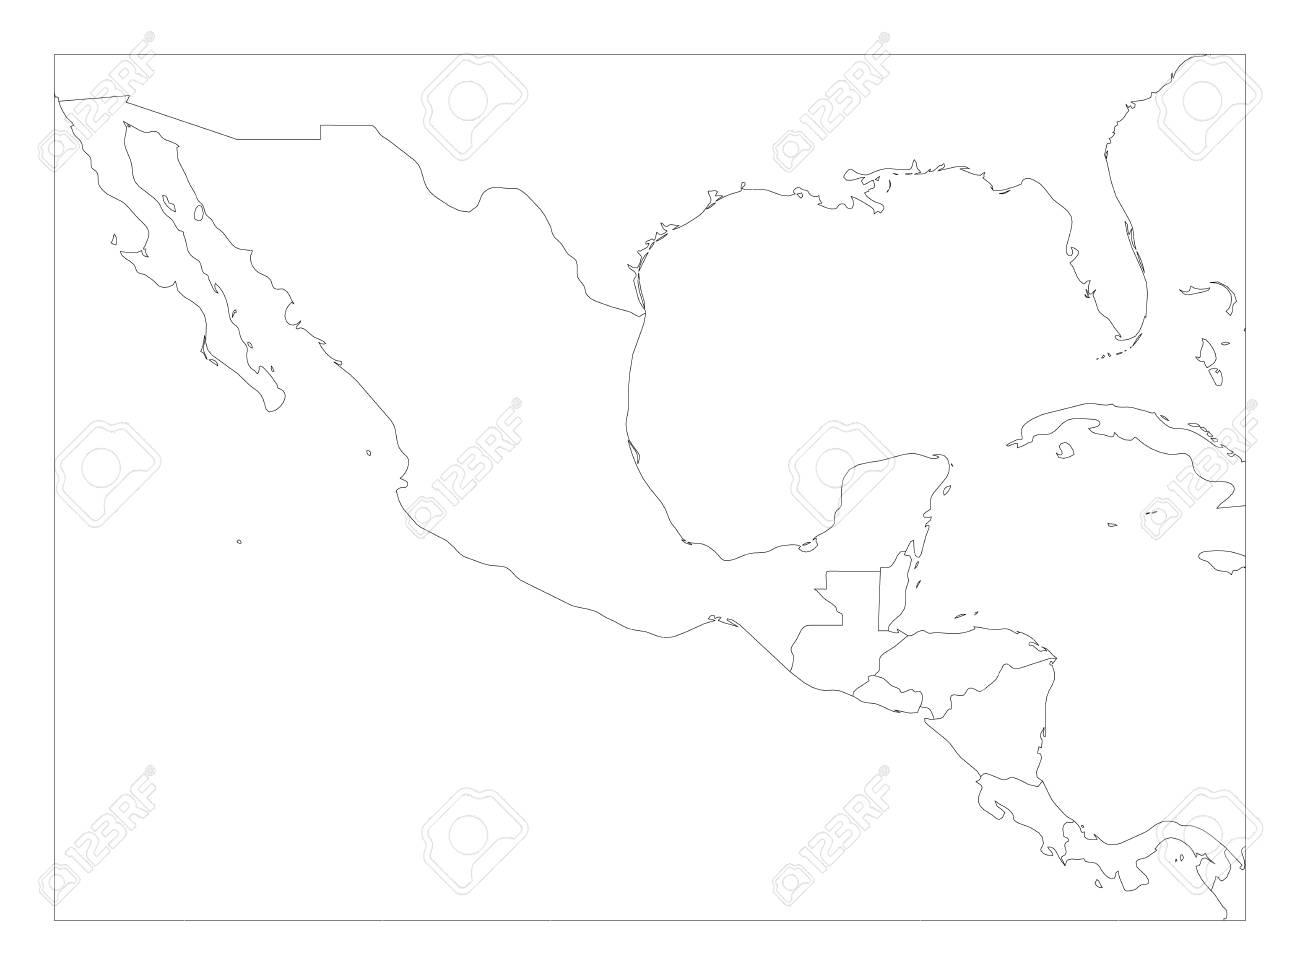 Mapa Politico En Blanco.Mapa Politico En Blanco Del Centro De America Y Negro Pixelado Ilustracion Vectorial Esquema Generico Simple